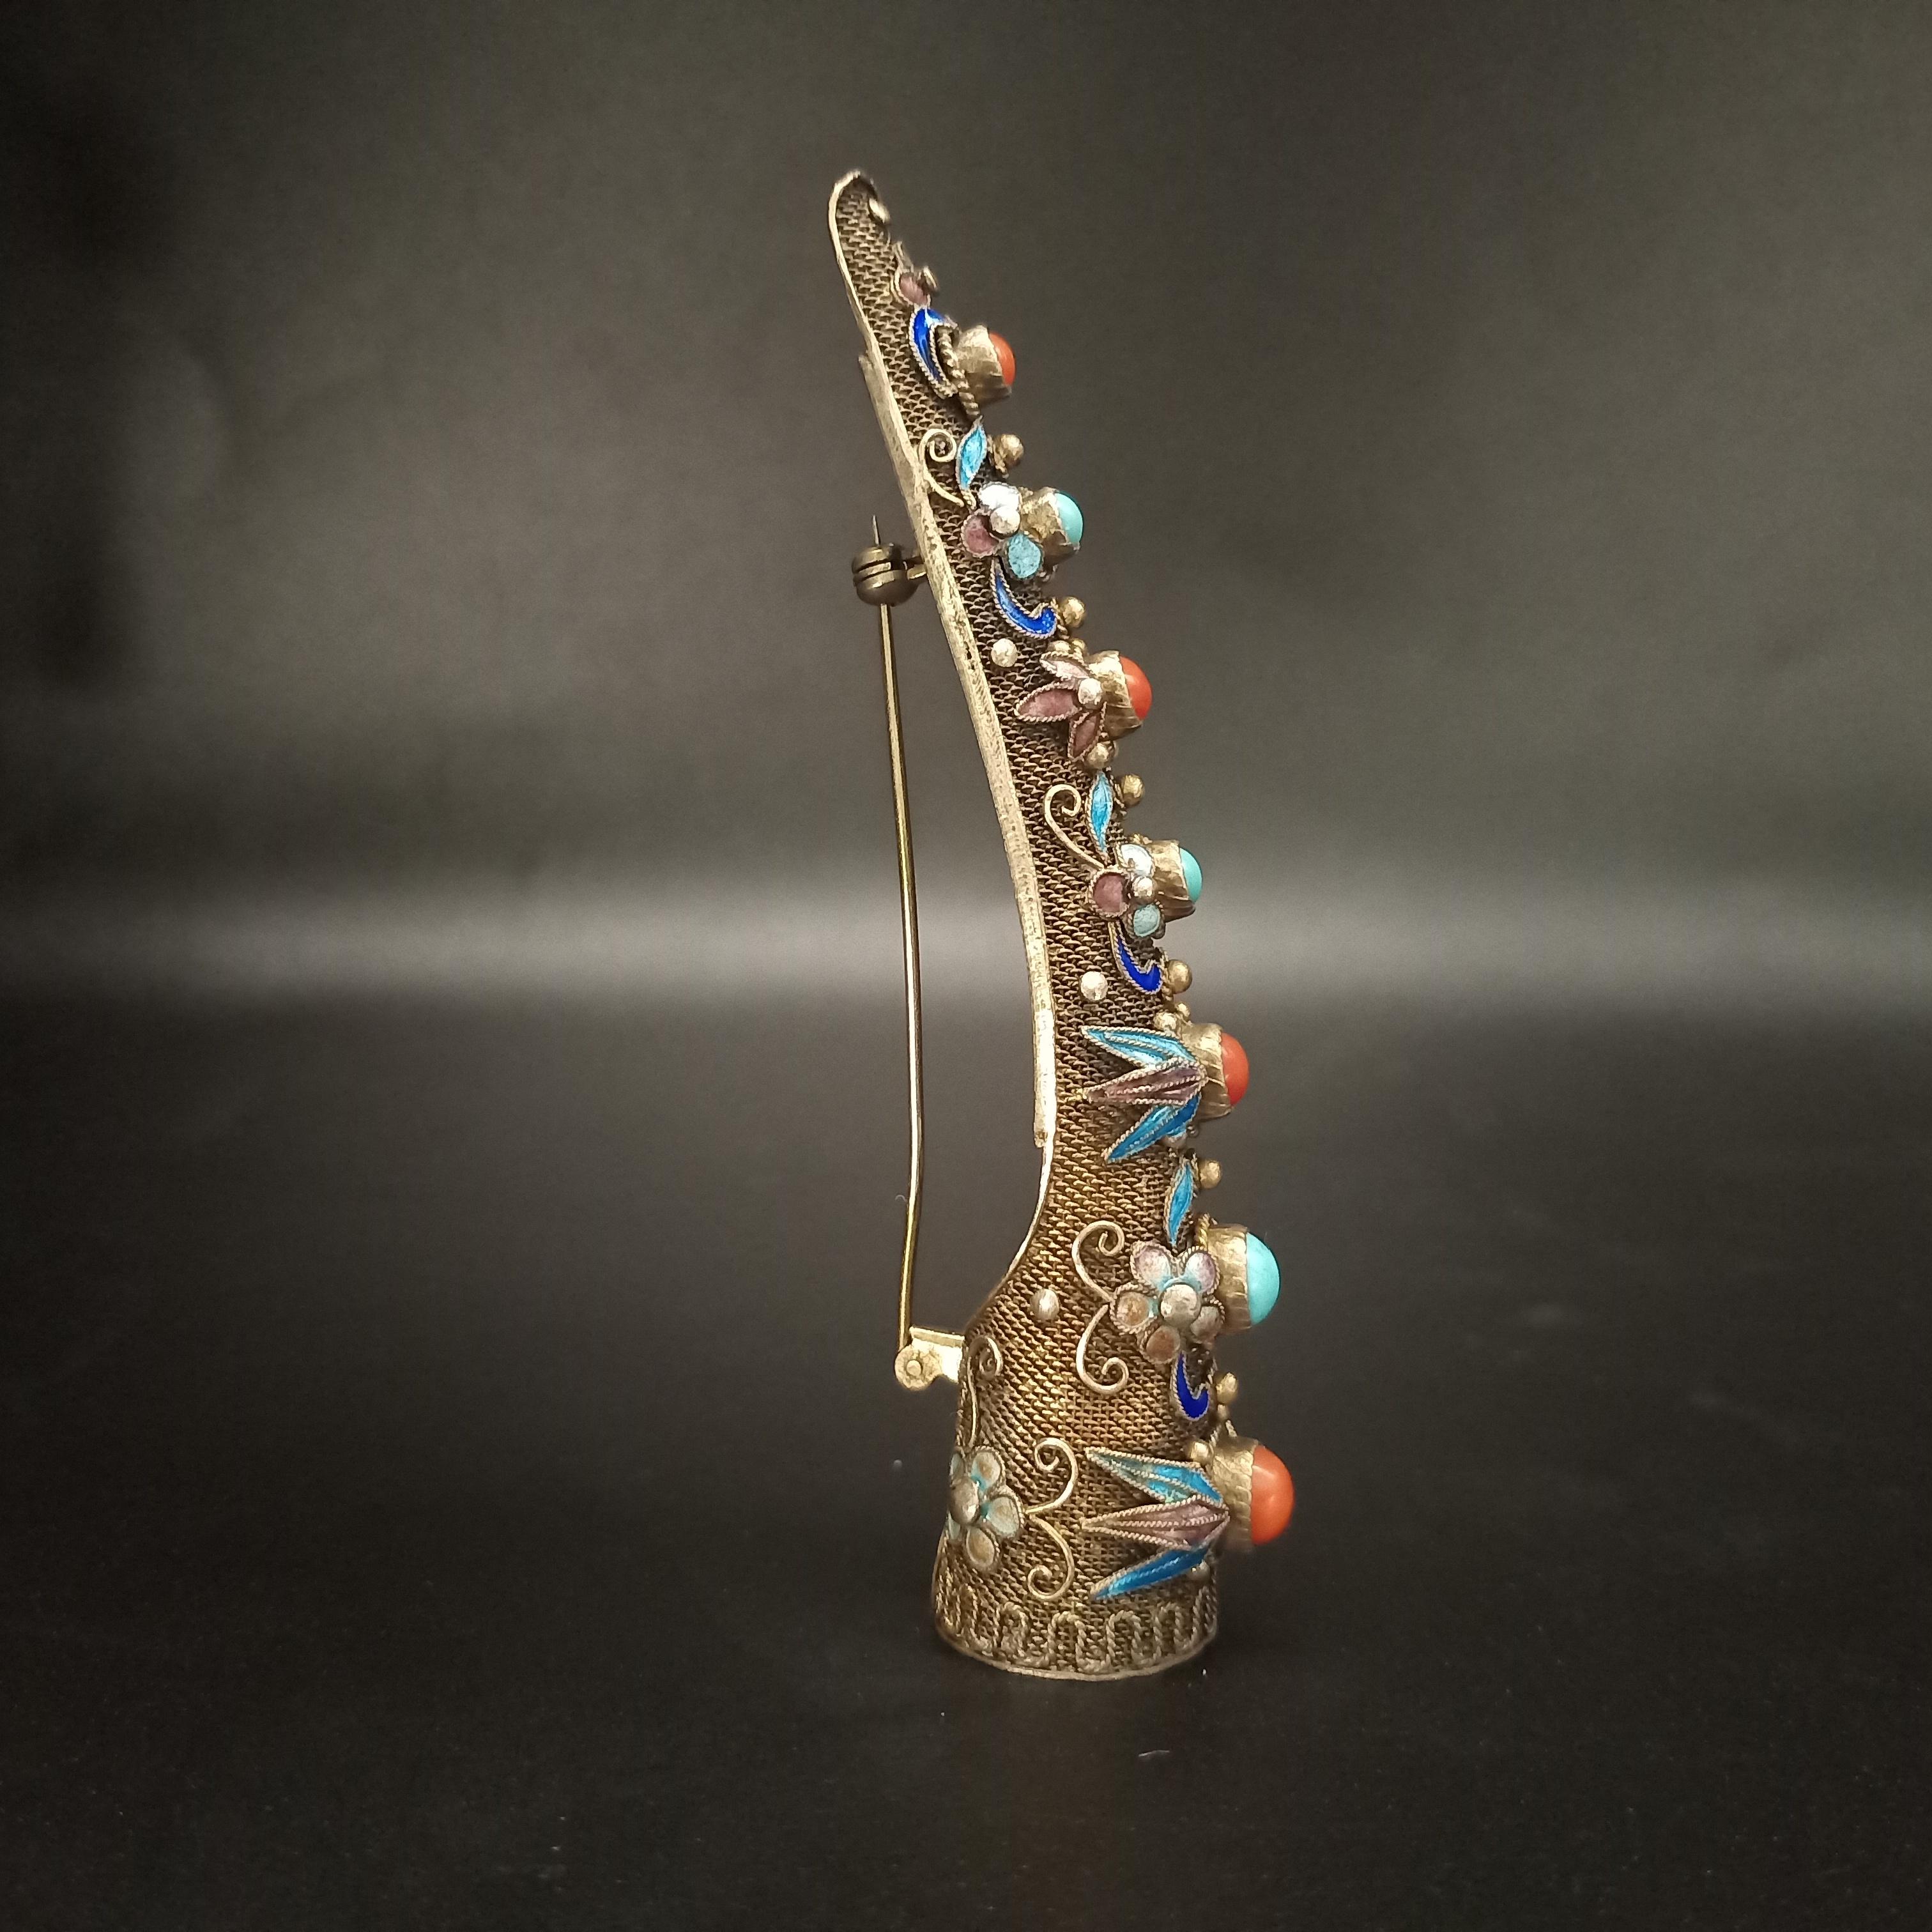 欧洲回流老银珐琅彩护甲胸针吊坠天然绿松石珊瑚收藏品首饰